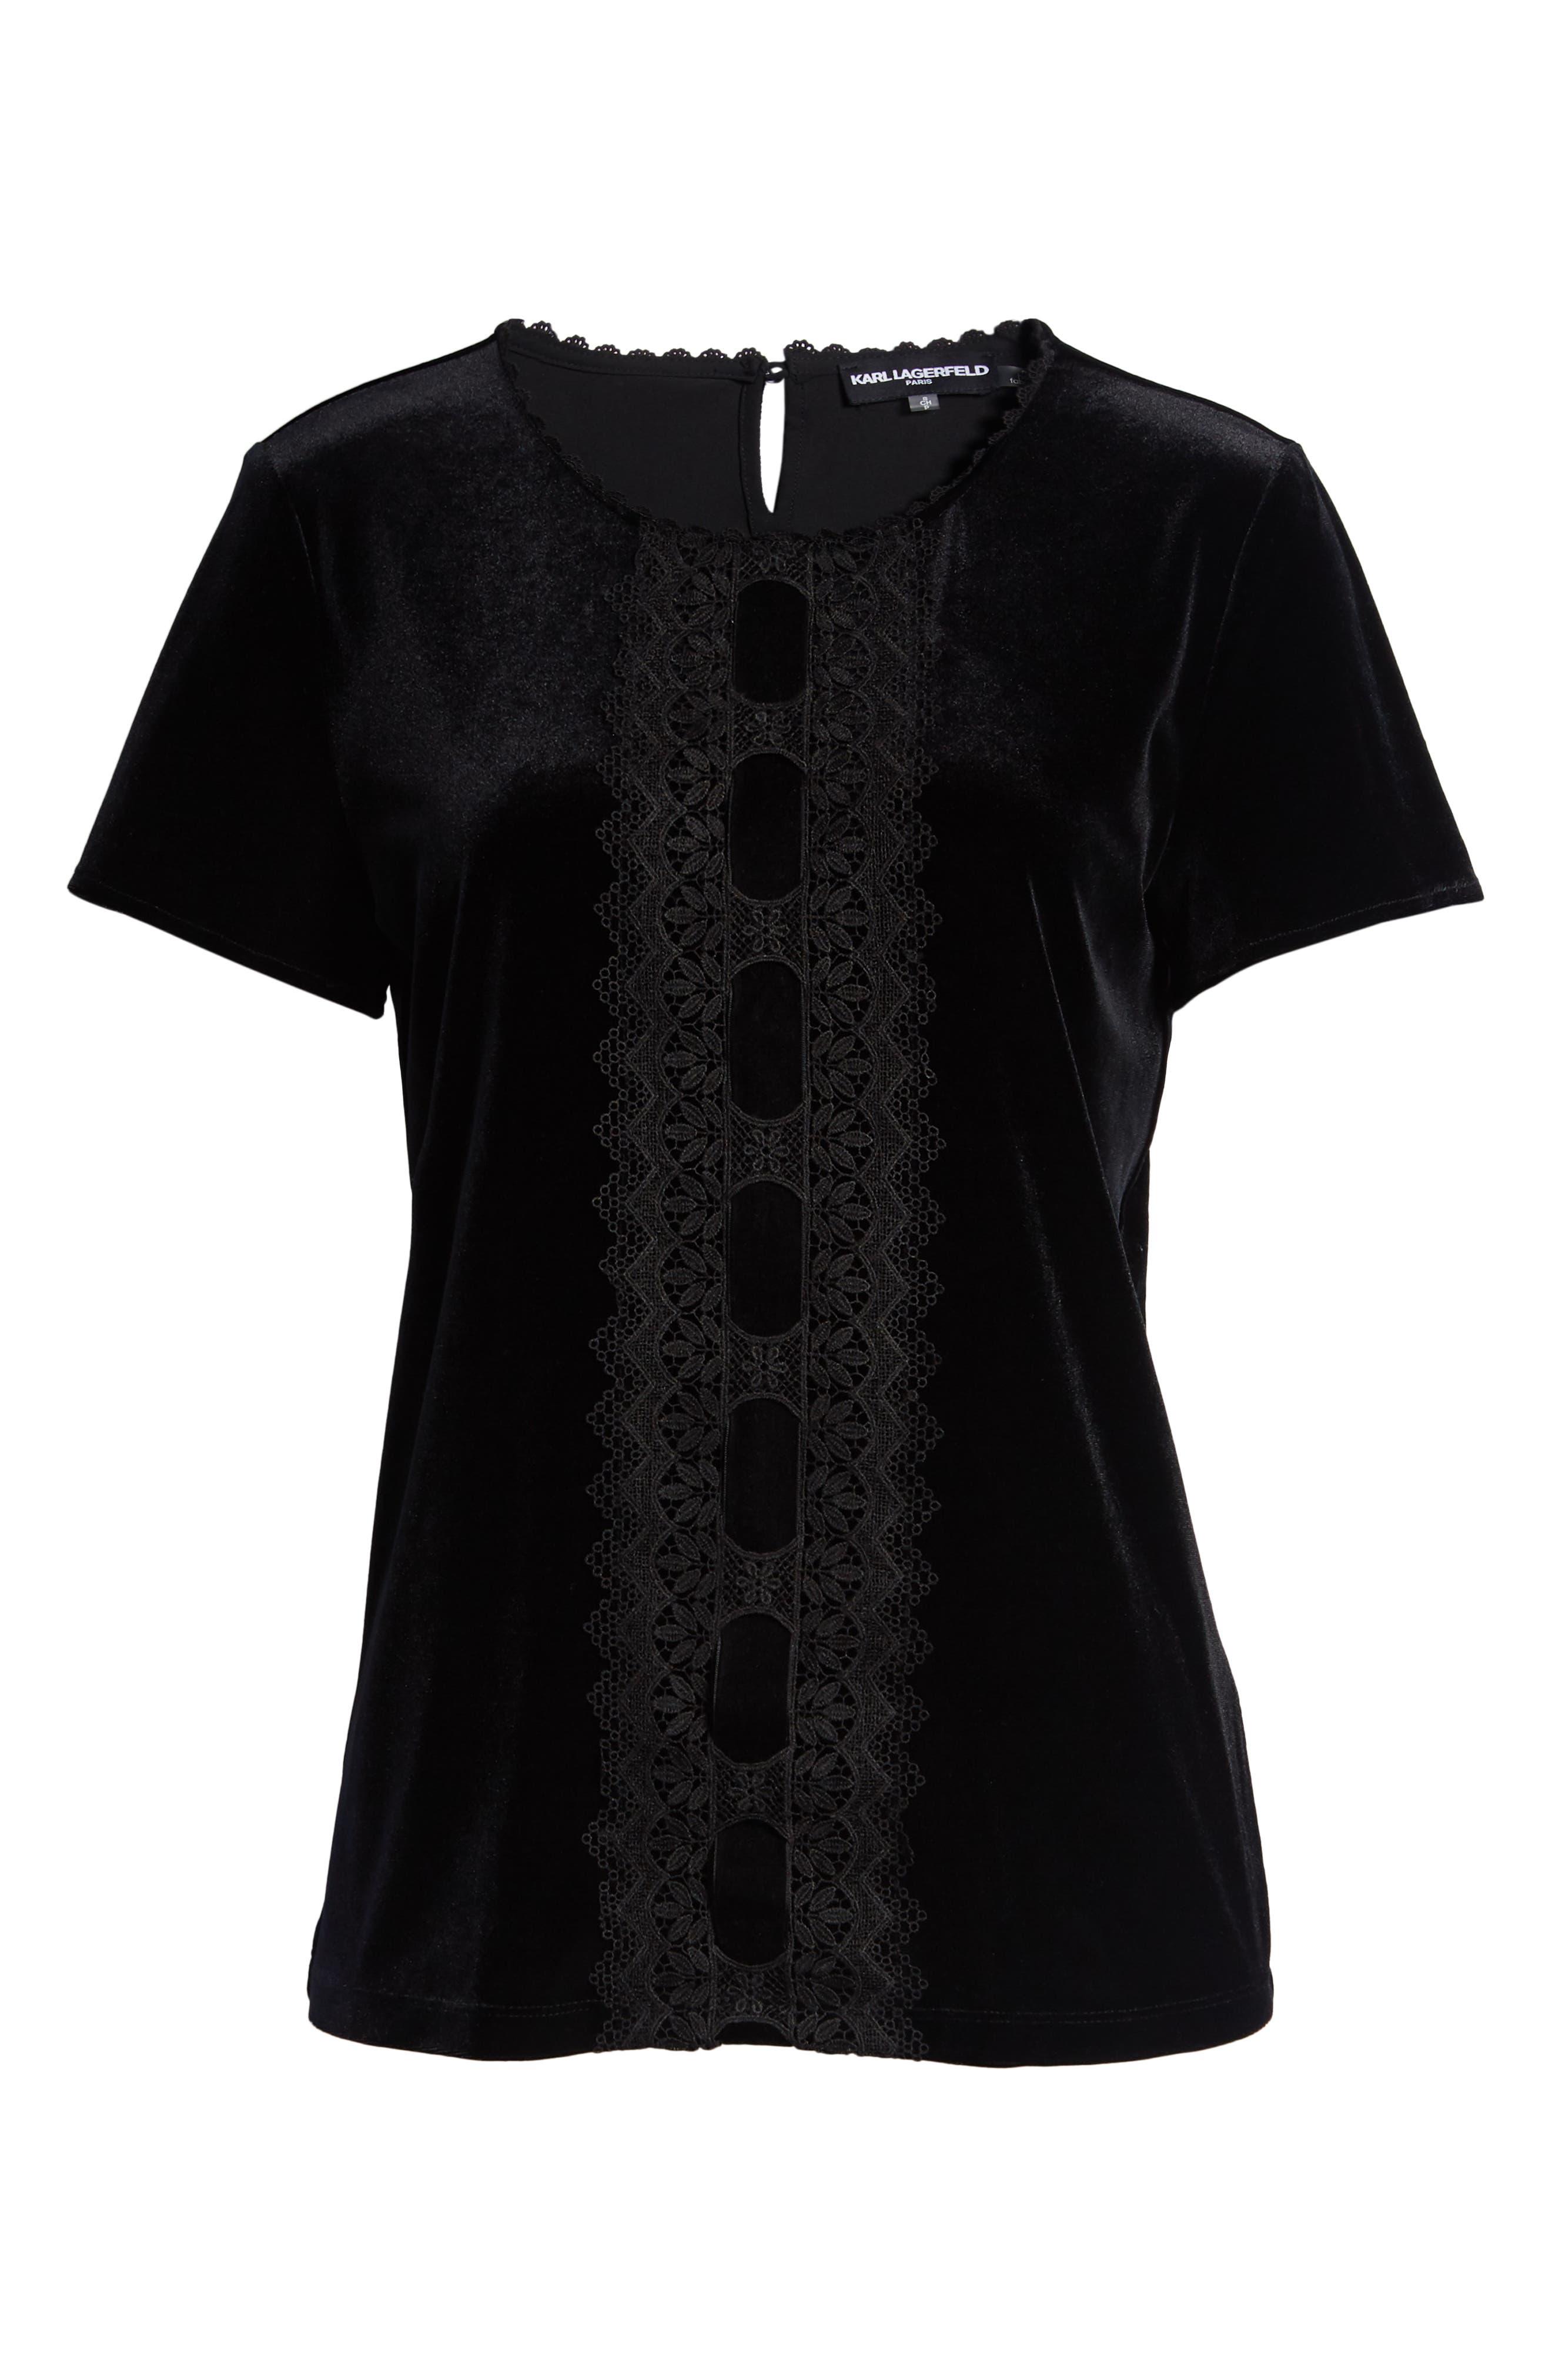 Karl Lagerfeld Lace Panel Velvet Tee,                             Alternate thumbnail 6, color,                             BLACK